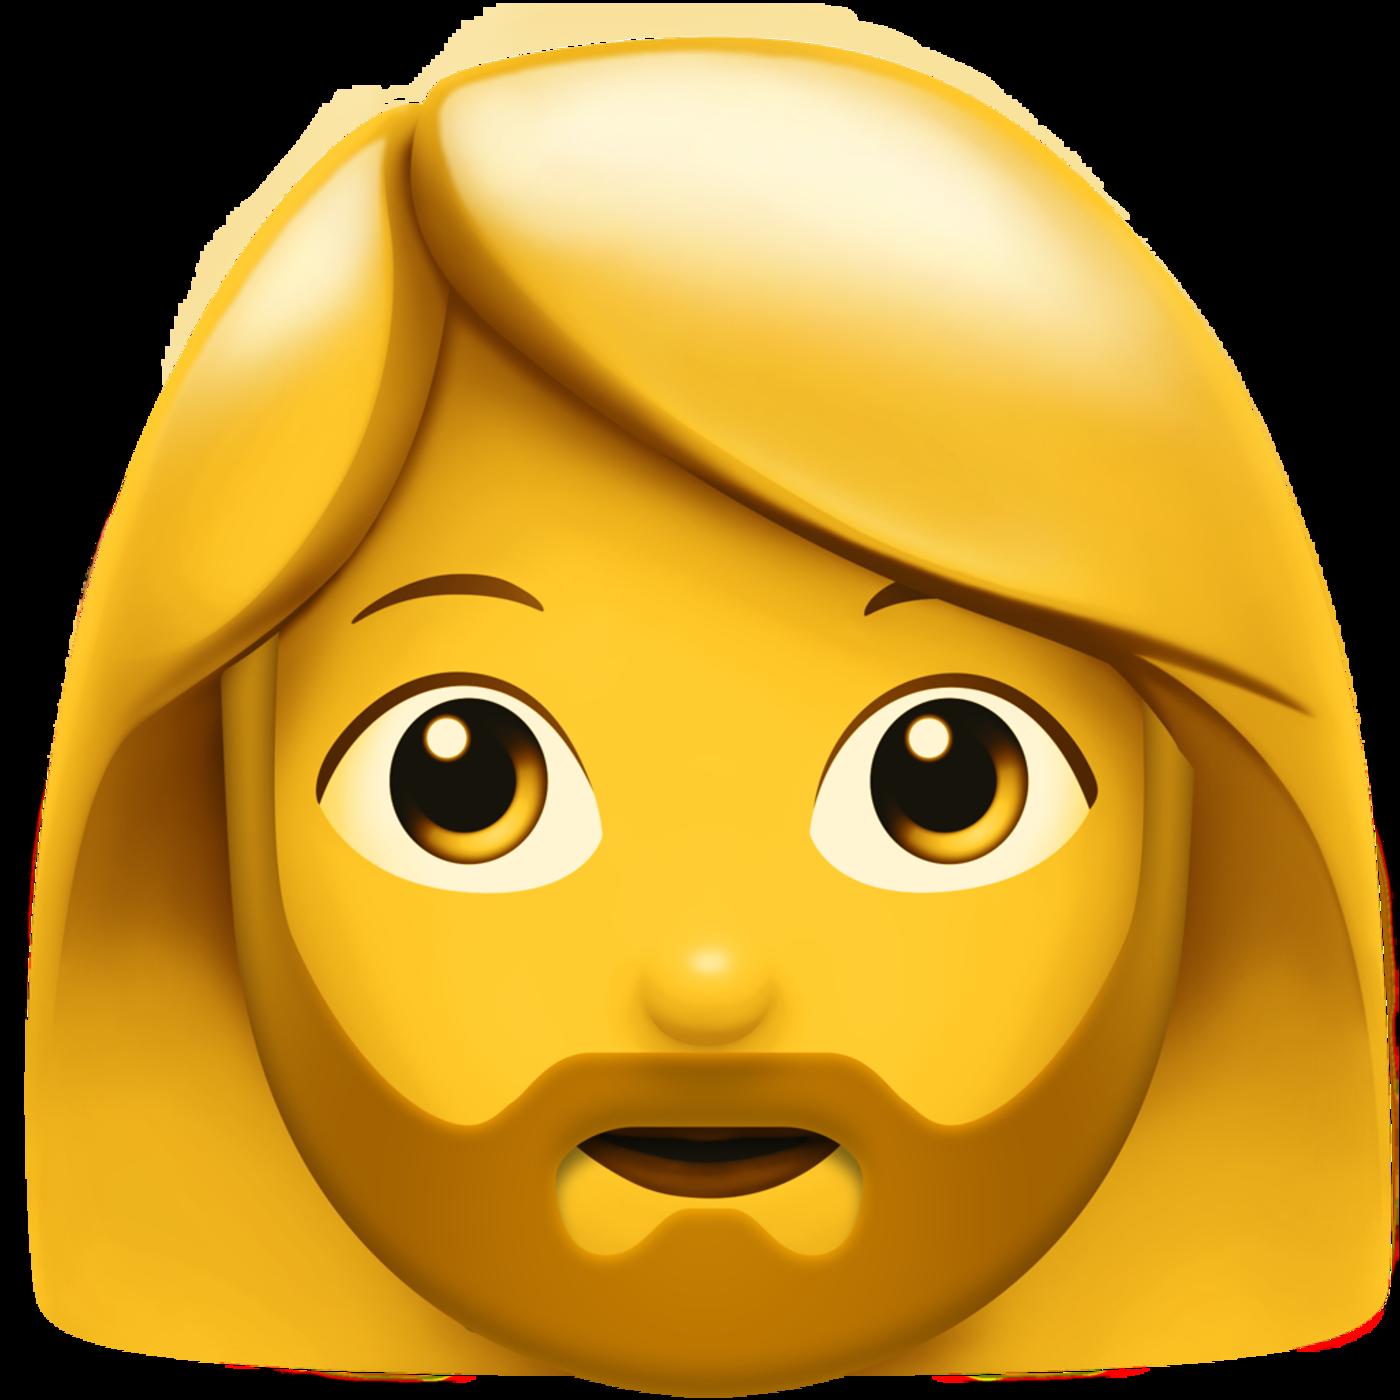 emoji-8